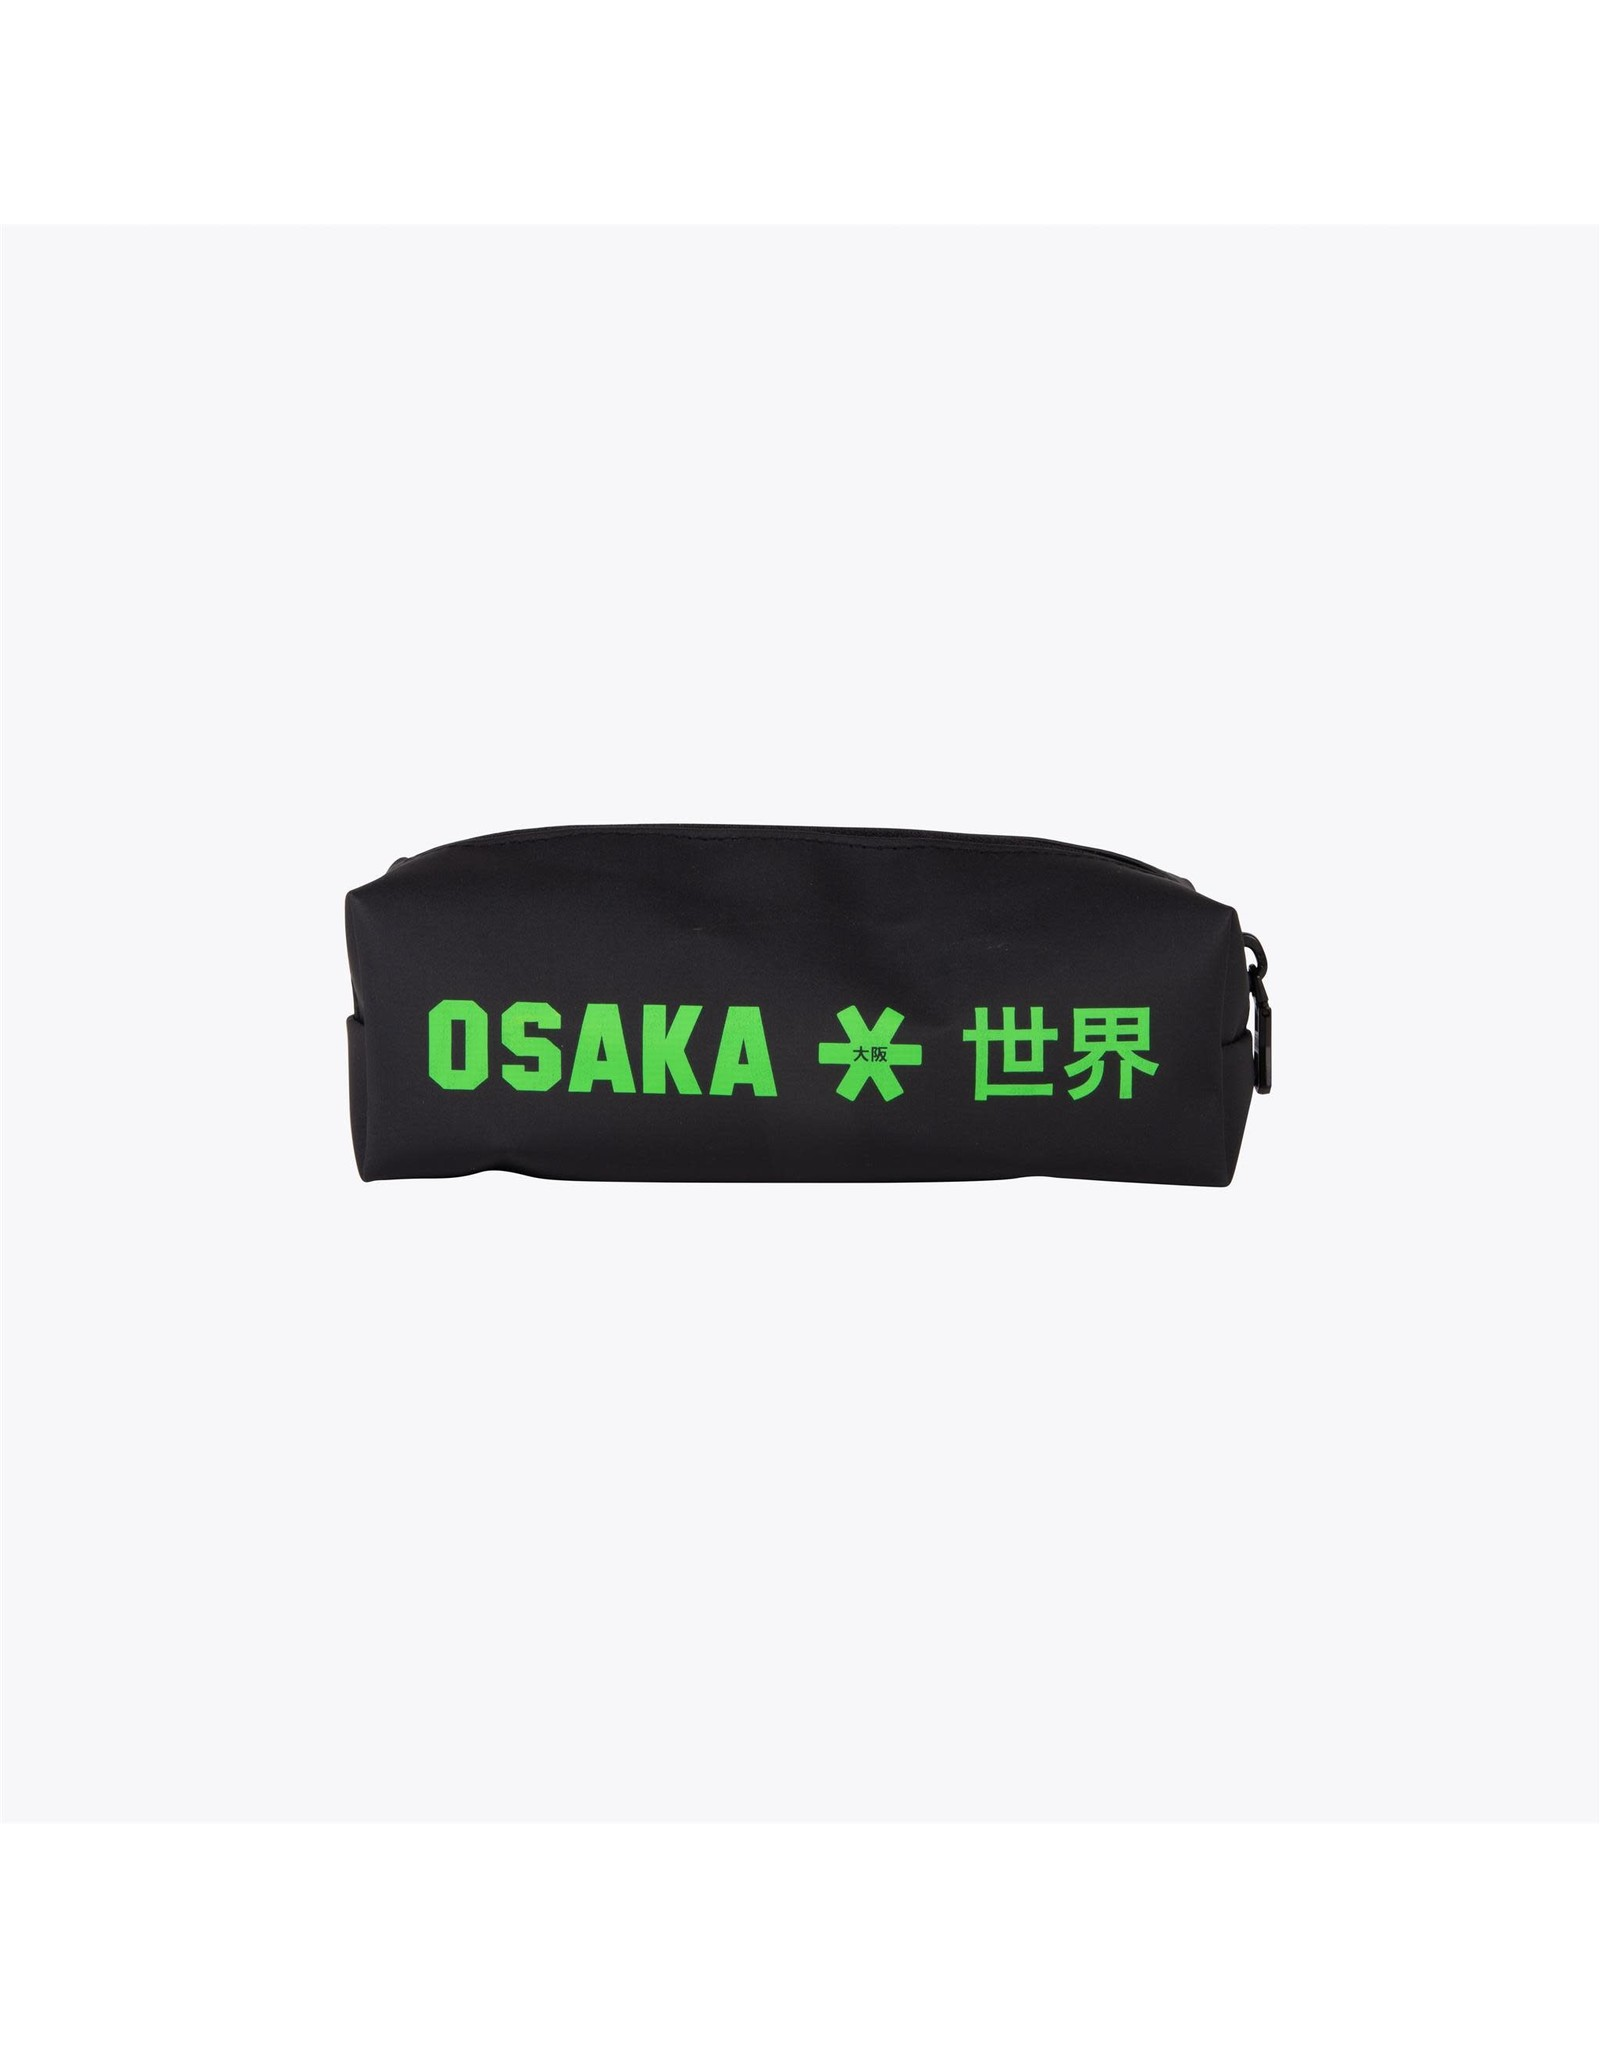 OSAKA OSAKA PRO TOUR PENCIL CASE  19-20